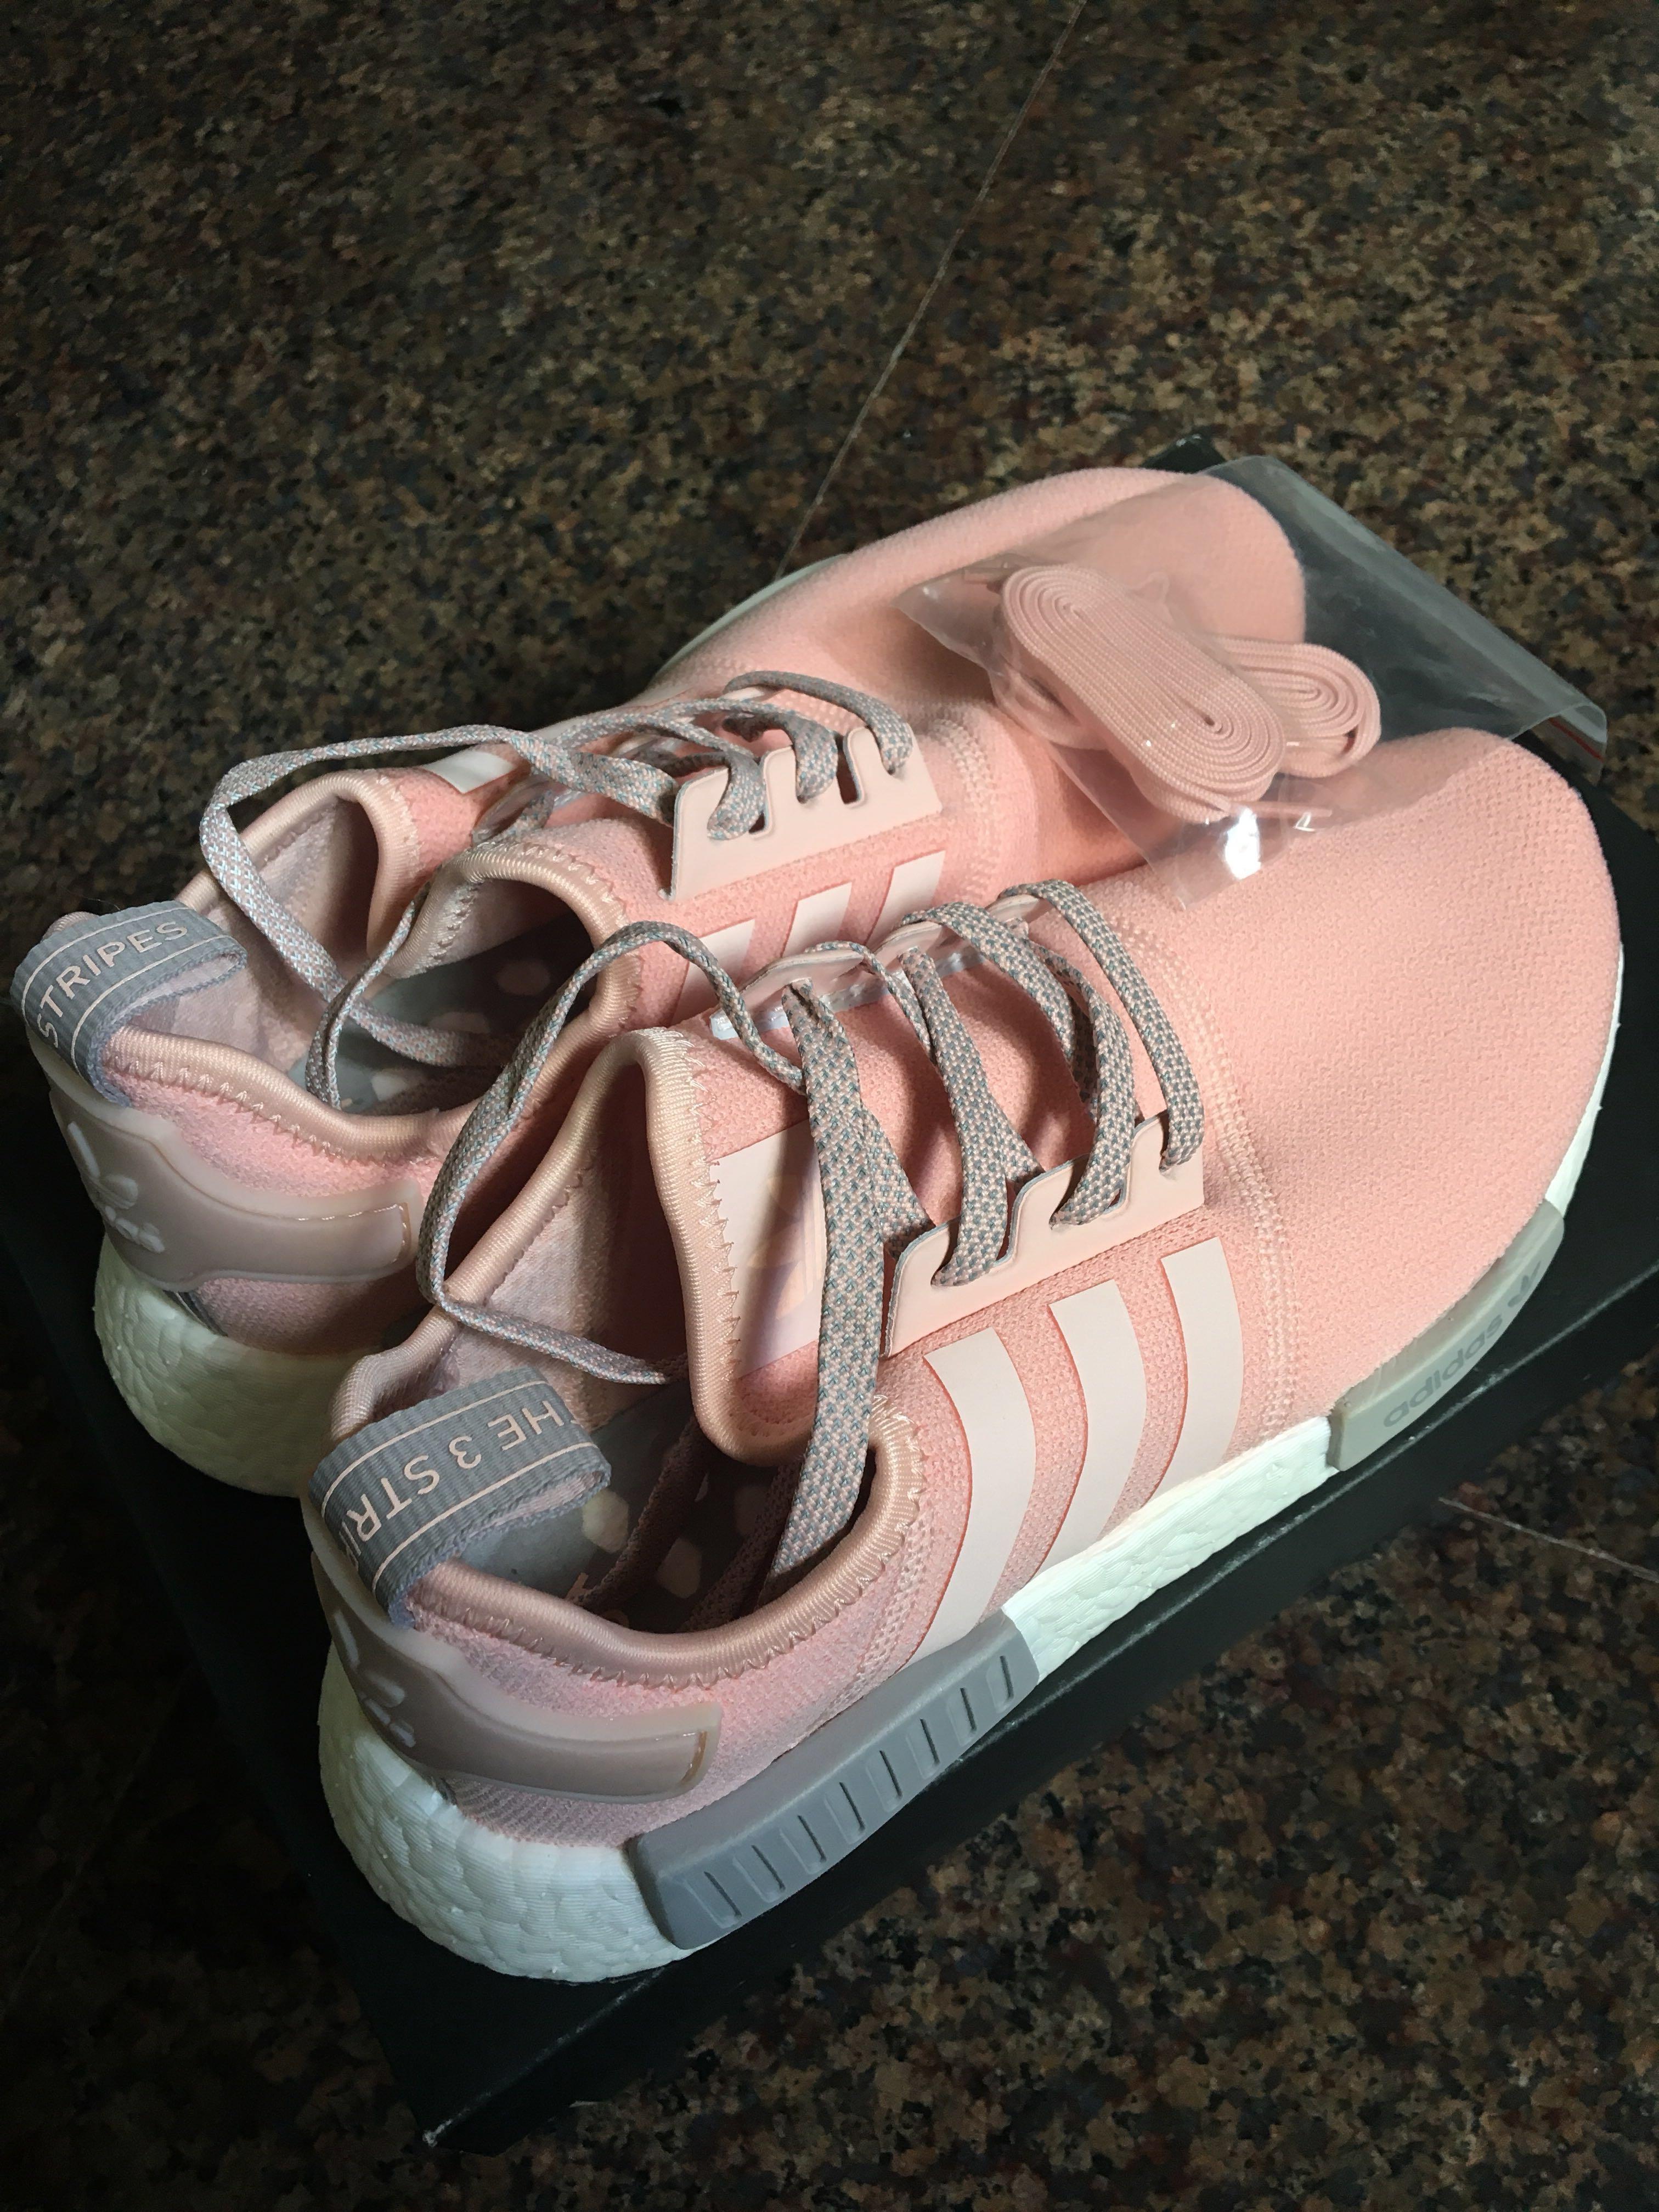 adidas nmd r1 vapore rosa, la moda femminile, le scarpe carousell